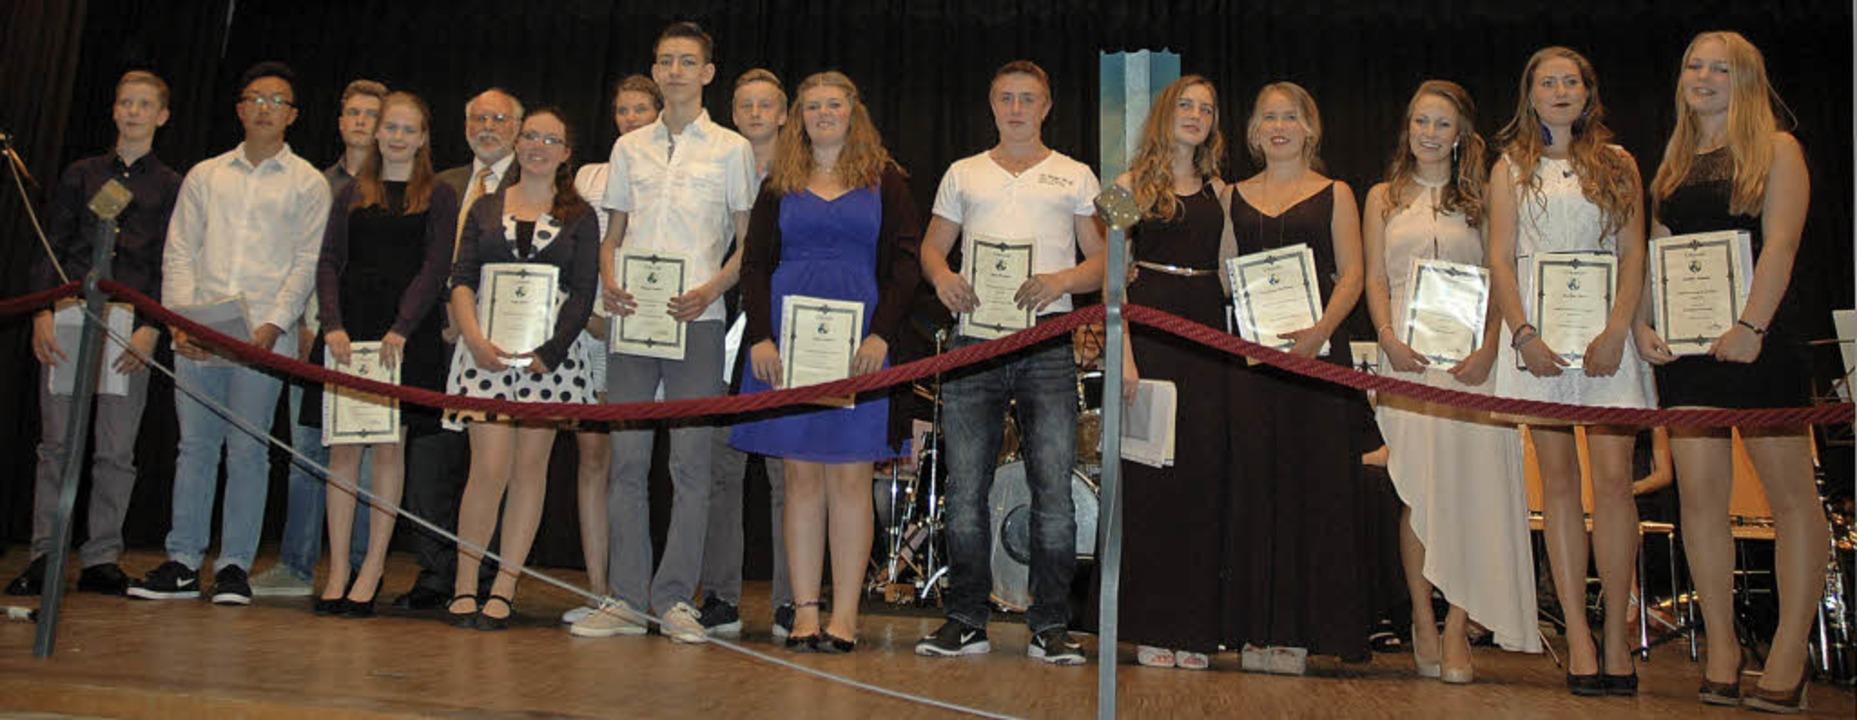 Die Preisträger der Fürstabt-Gerbert-Schule in St. Blasien     Foto: Christiane Sahli